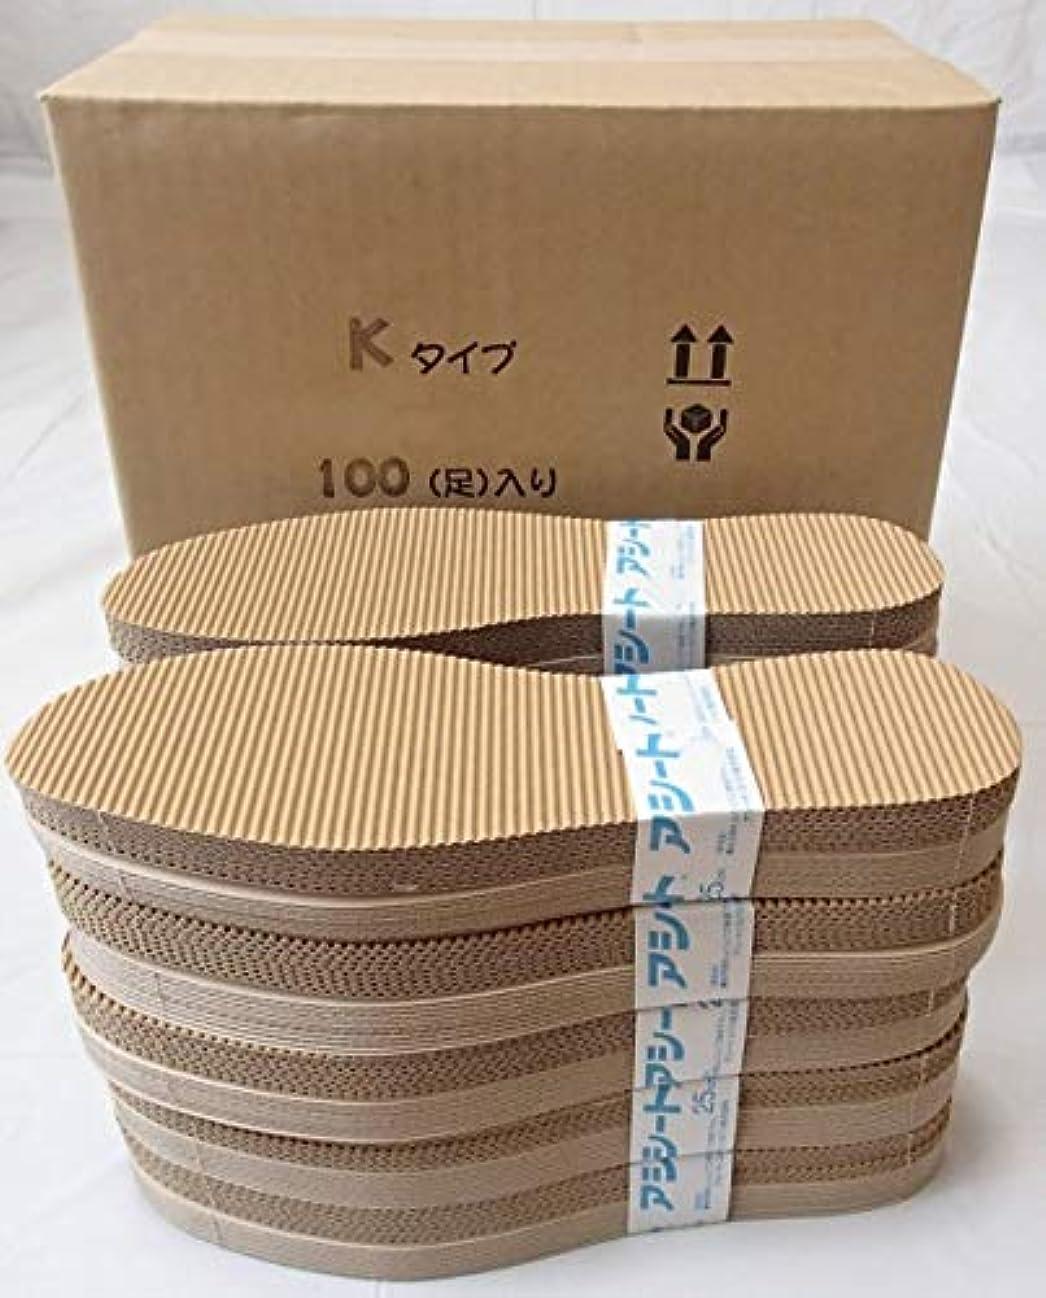 望遠鏡それらアーティファクトアシートKタイプお得用パック100足入り (25.5~26.0cm)